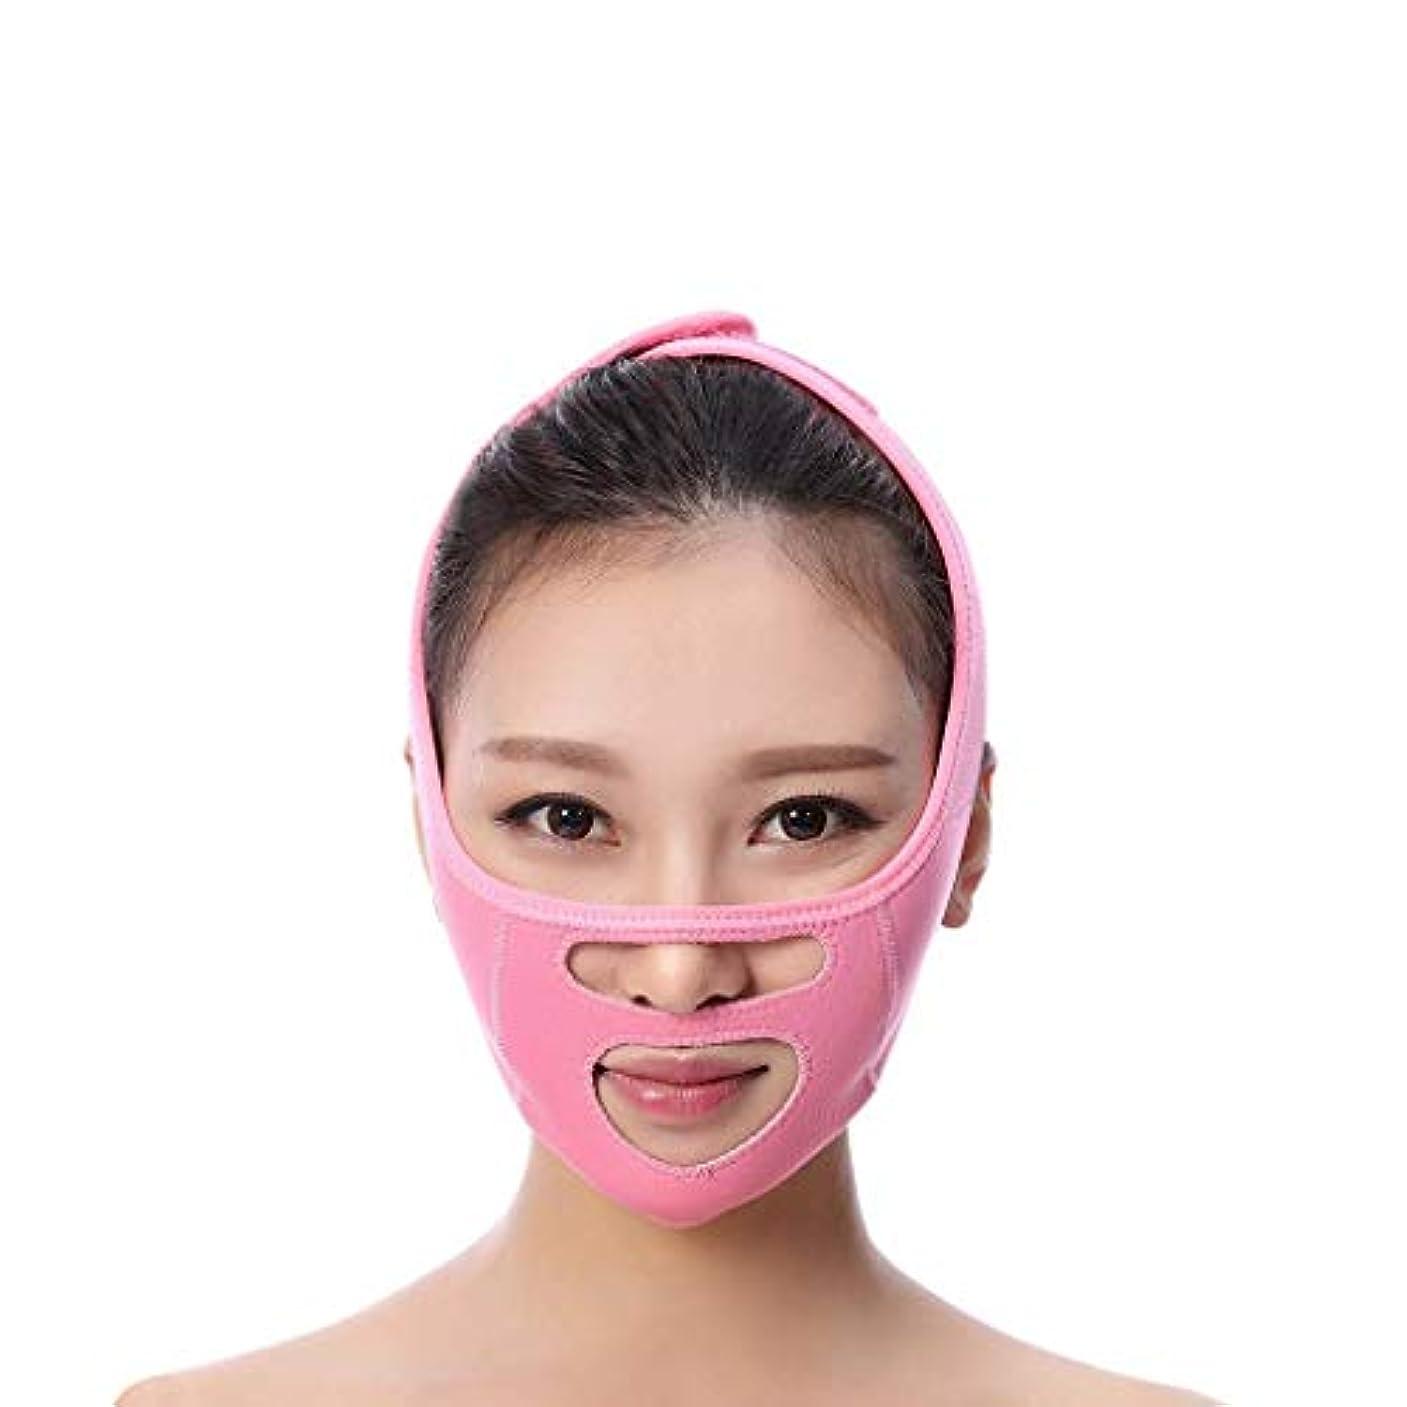 言語学嫌がらせであることフェイスリフトテープ&バンド、フェイススリミングマスク、ダブルチン、ダブルチンリデューサー、シワ防止マスク、リフティングシェイプ(フリーサイズ)(カラー:ピンク),ピンク